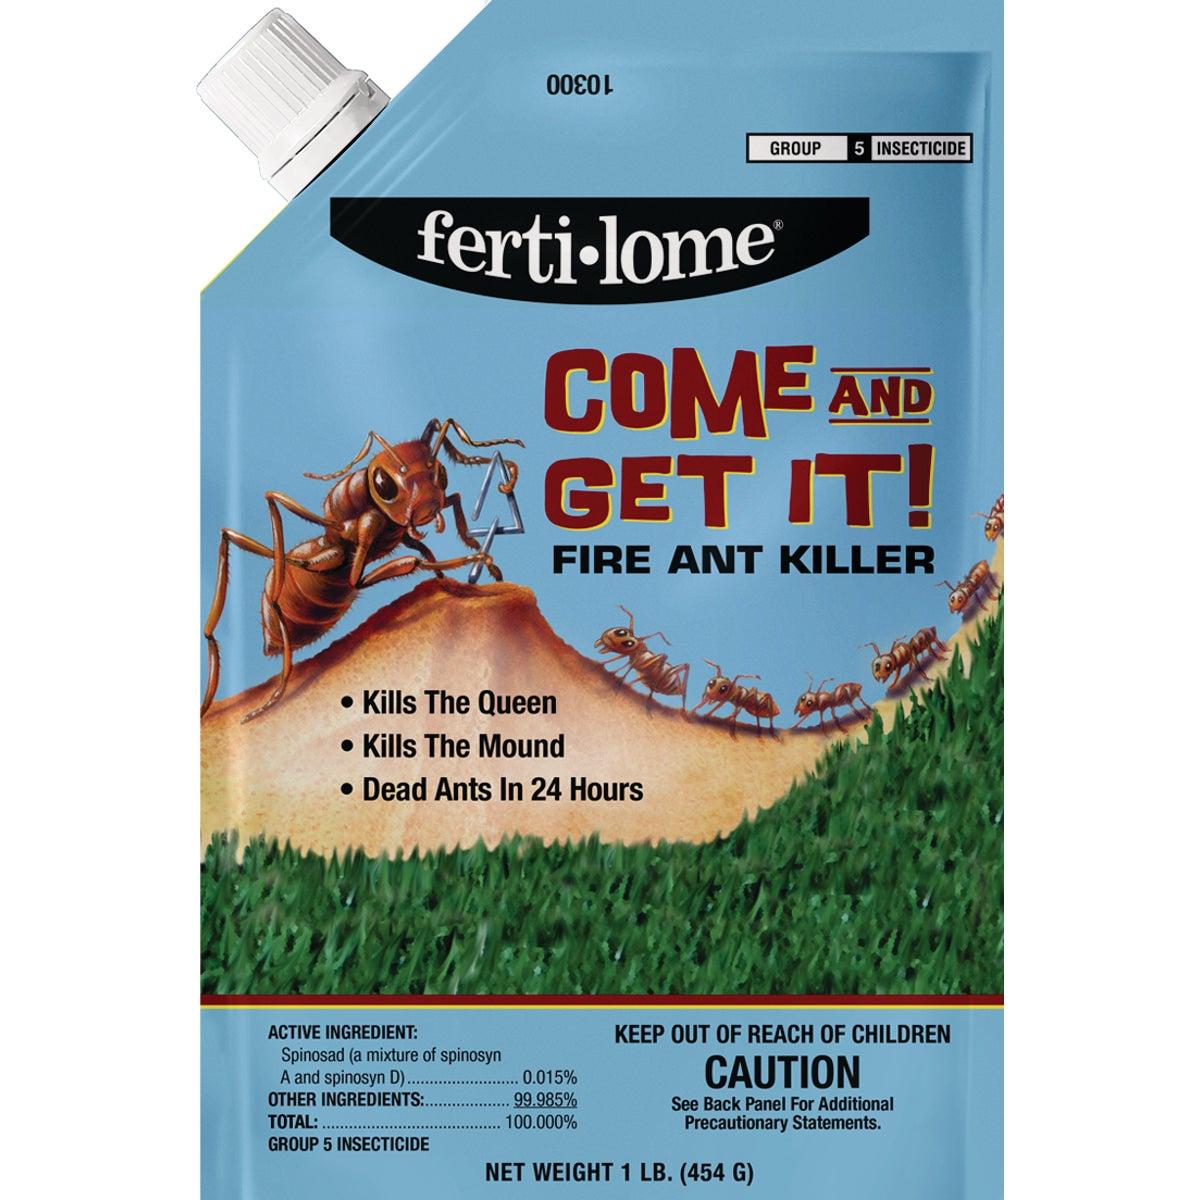 1LB FIRE ANT KILLER